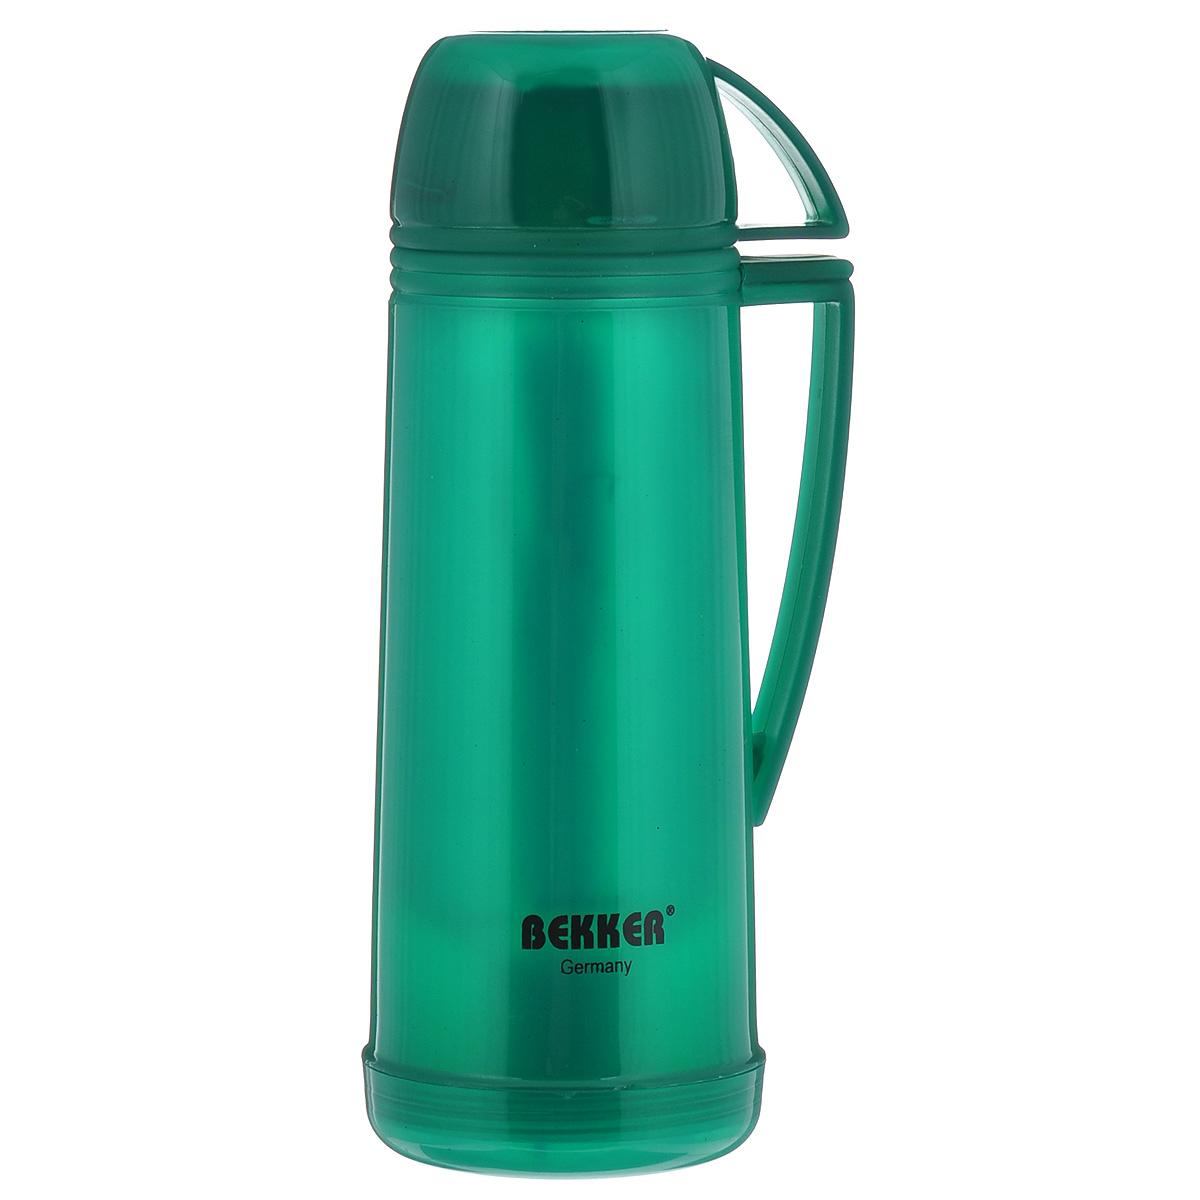 Термос Bekker Koch, цвет: зеленый, 500 мл. BK-4312BK-4312Термос Bekker Koch, изготовленный из высококачественного цветного пластика, является простым в использовании, экономичным и многофункциональным. Изделие оснащено стеклянной колбой, удобной ручкой и крышкой-чашкой. Термос предназначен для хранения горячих и холодных напитков (чая, кофе) и укомплектован откручивающейся крышкой без кнопки. Такая крышка надежна, проста в использовании и позволяет дольше сохранять тепло благодаря дополнительной теплоизоляции. Легкий и прочный термос Bekker Koch сохранит ваши напитки горячими или холодными надолго. Высота (с учетом крышки): 26 см. Диаметр горлышка: 3 см. Размер крышки-кружки: 10,5 х 8 х 5 см. Диаметр крышки-кружки: 8 см.